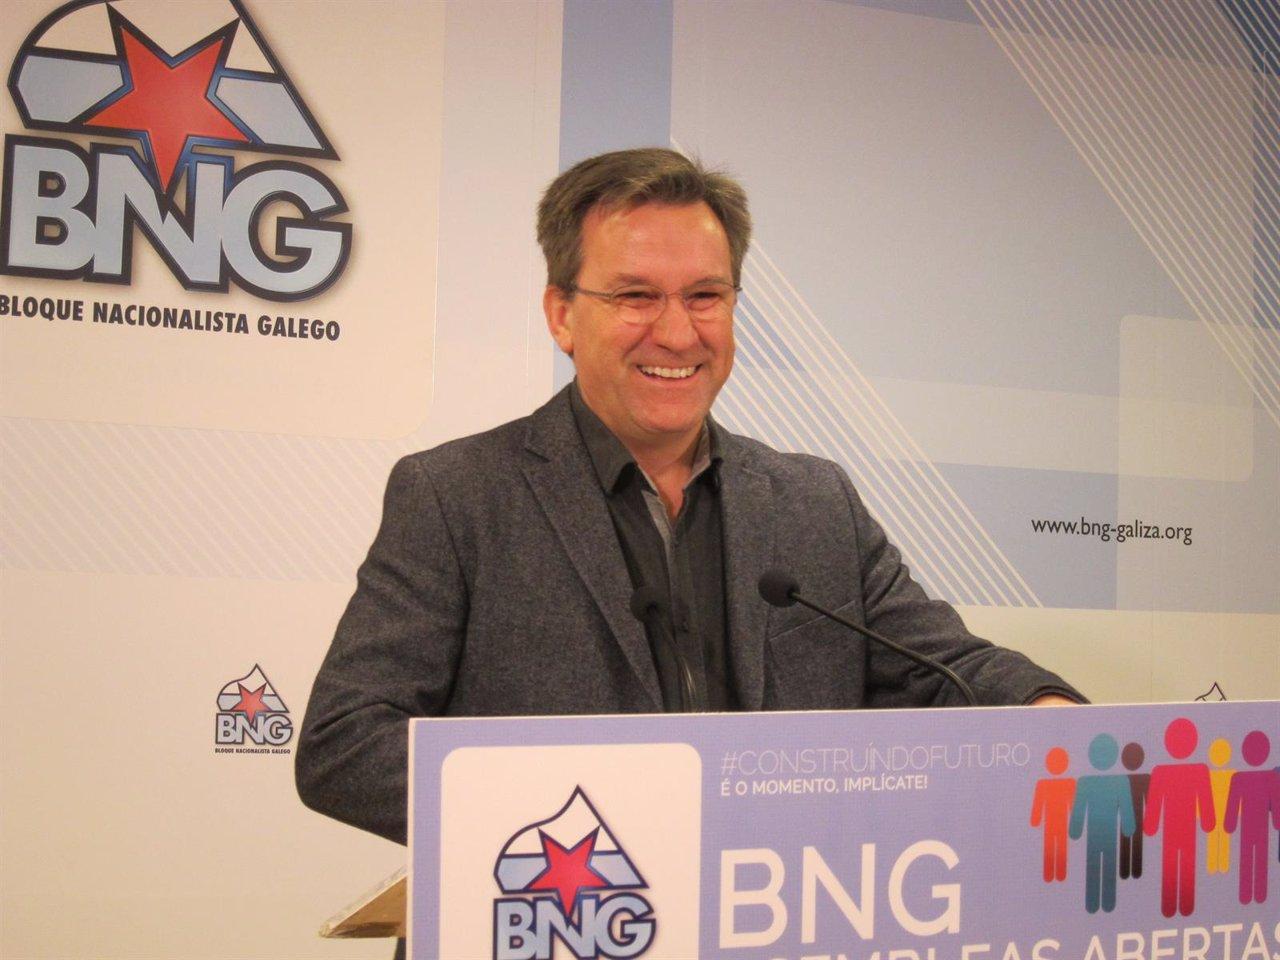 Xavier Vence